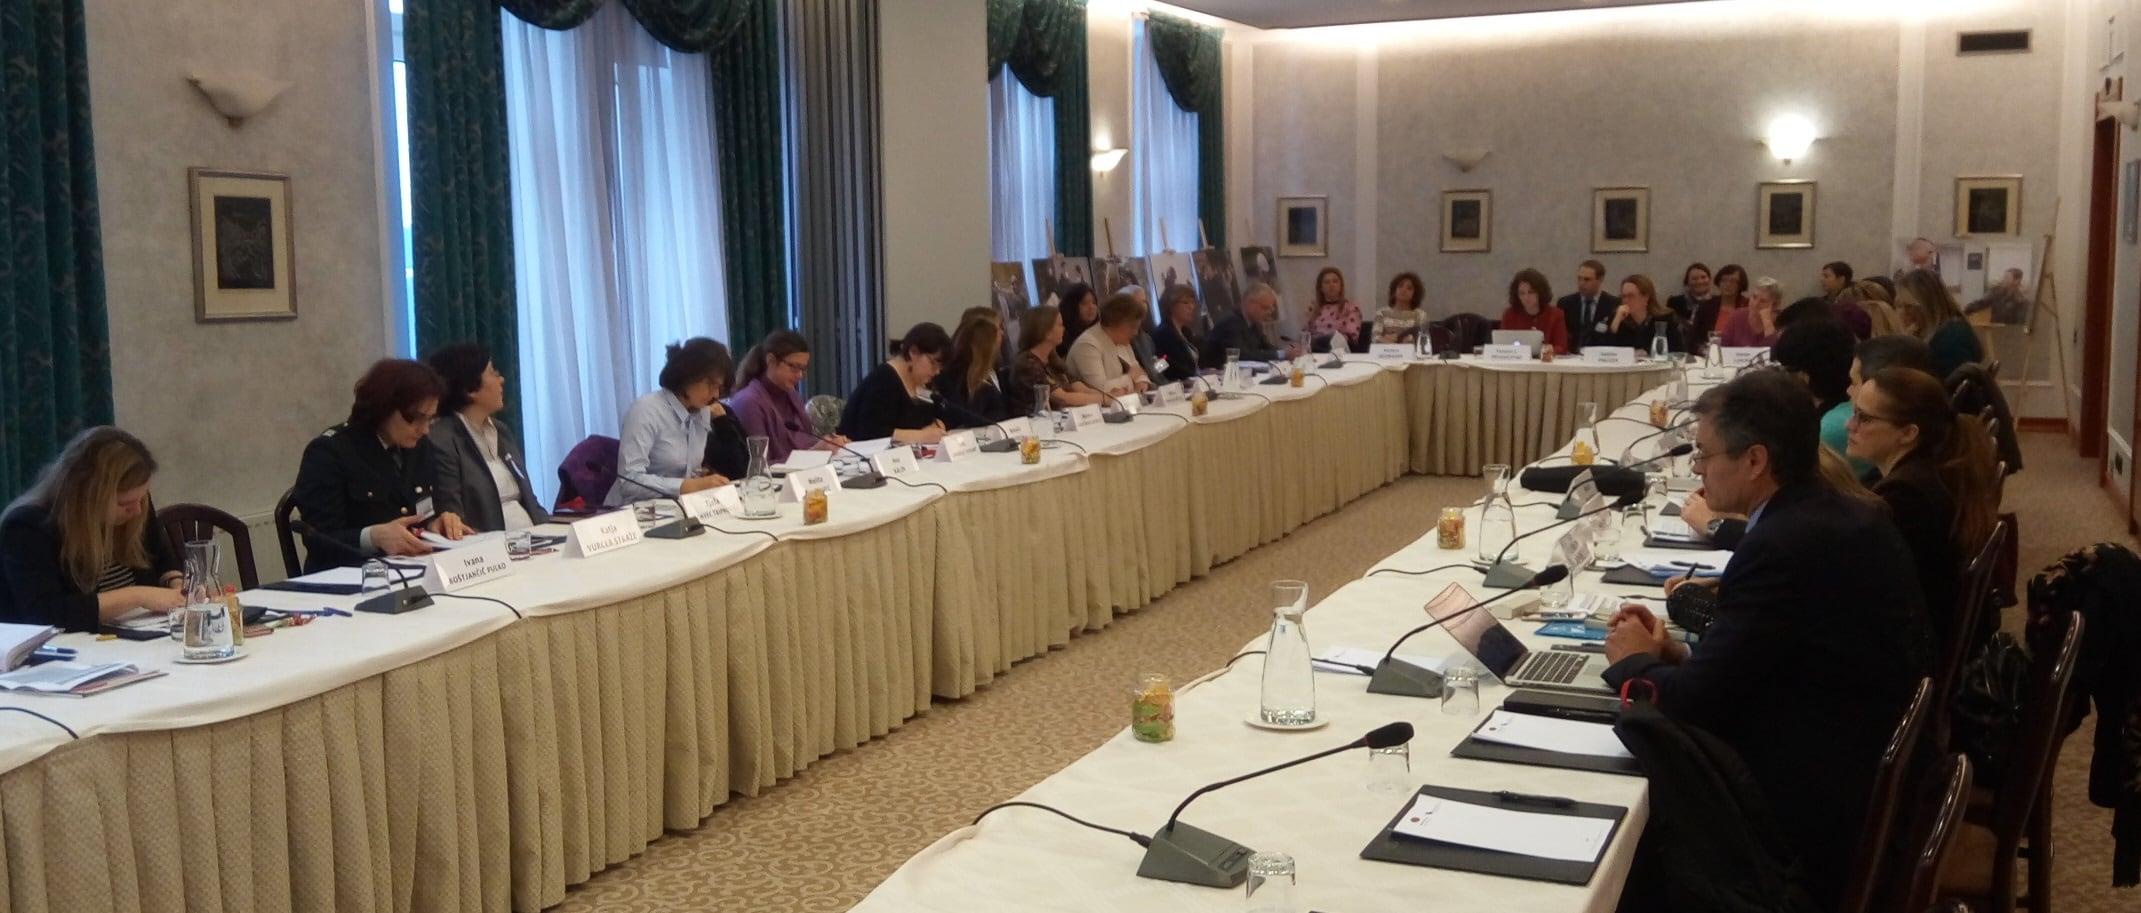 Strokovni posvet o vlogi nacionalnih akcijskih načrtov pri promociji agende žensk, miru in varnosti